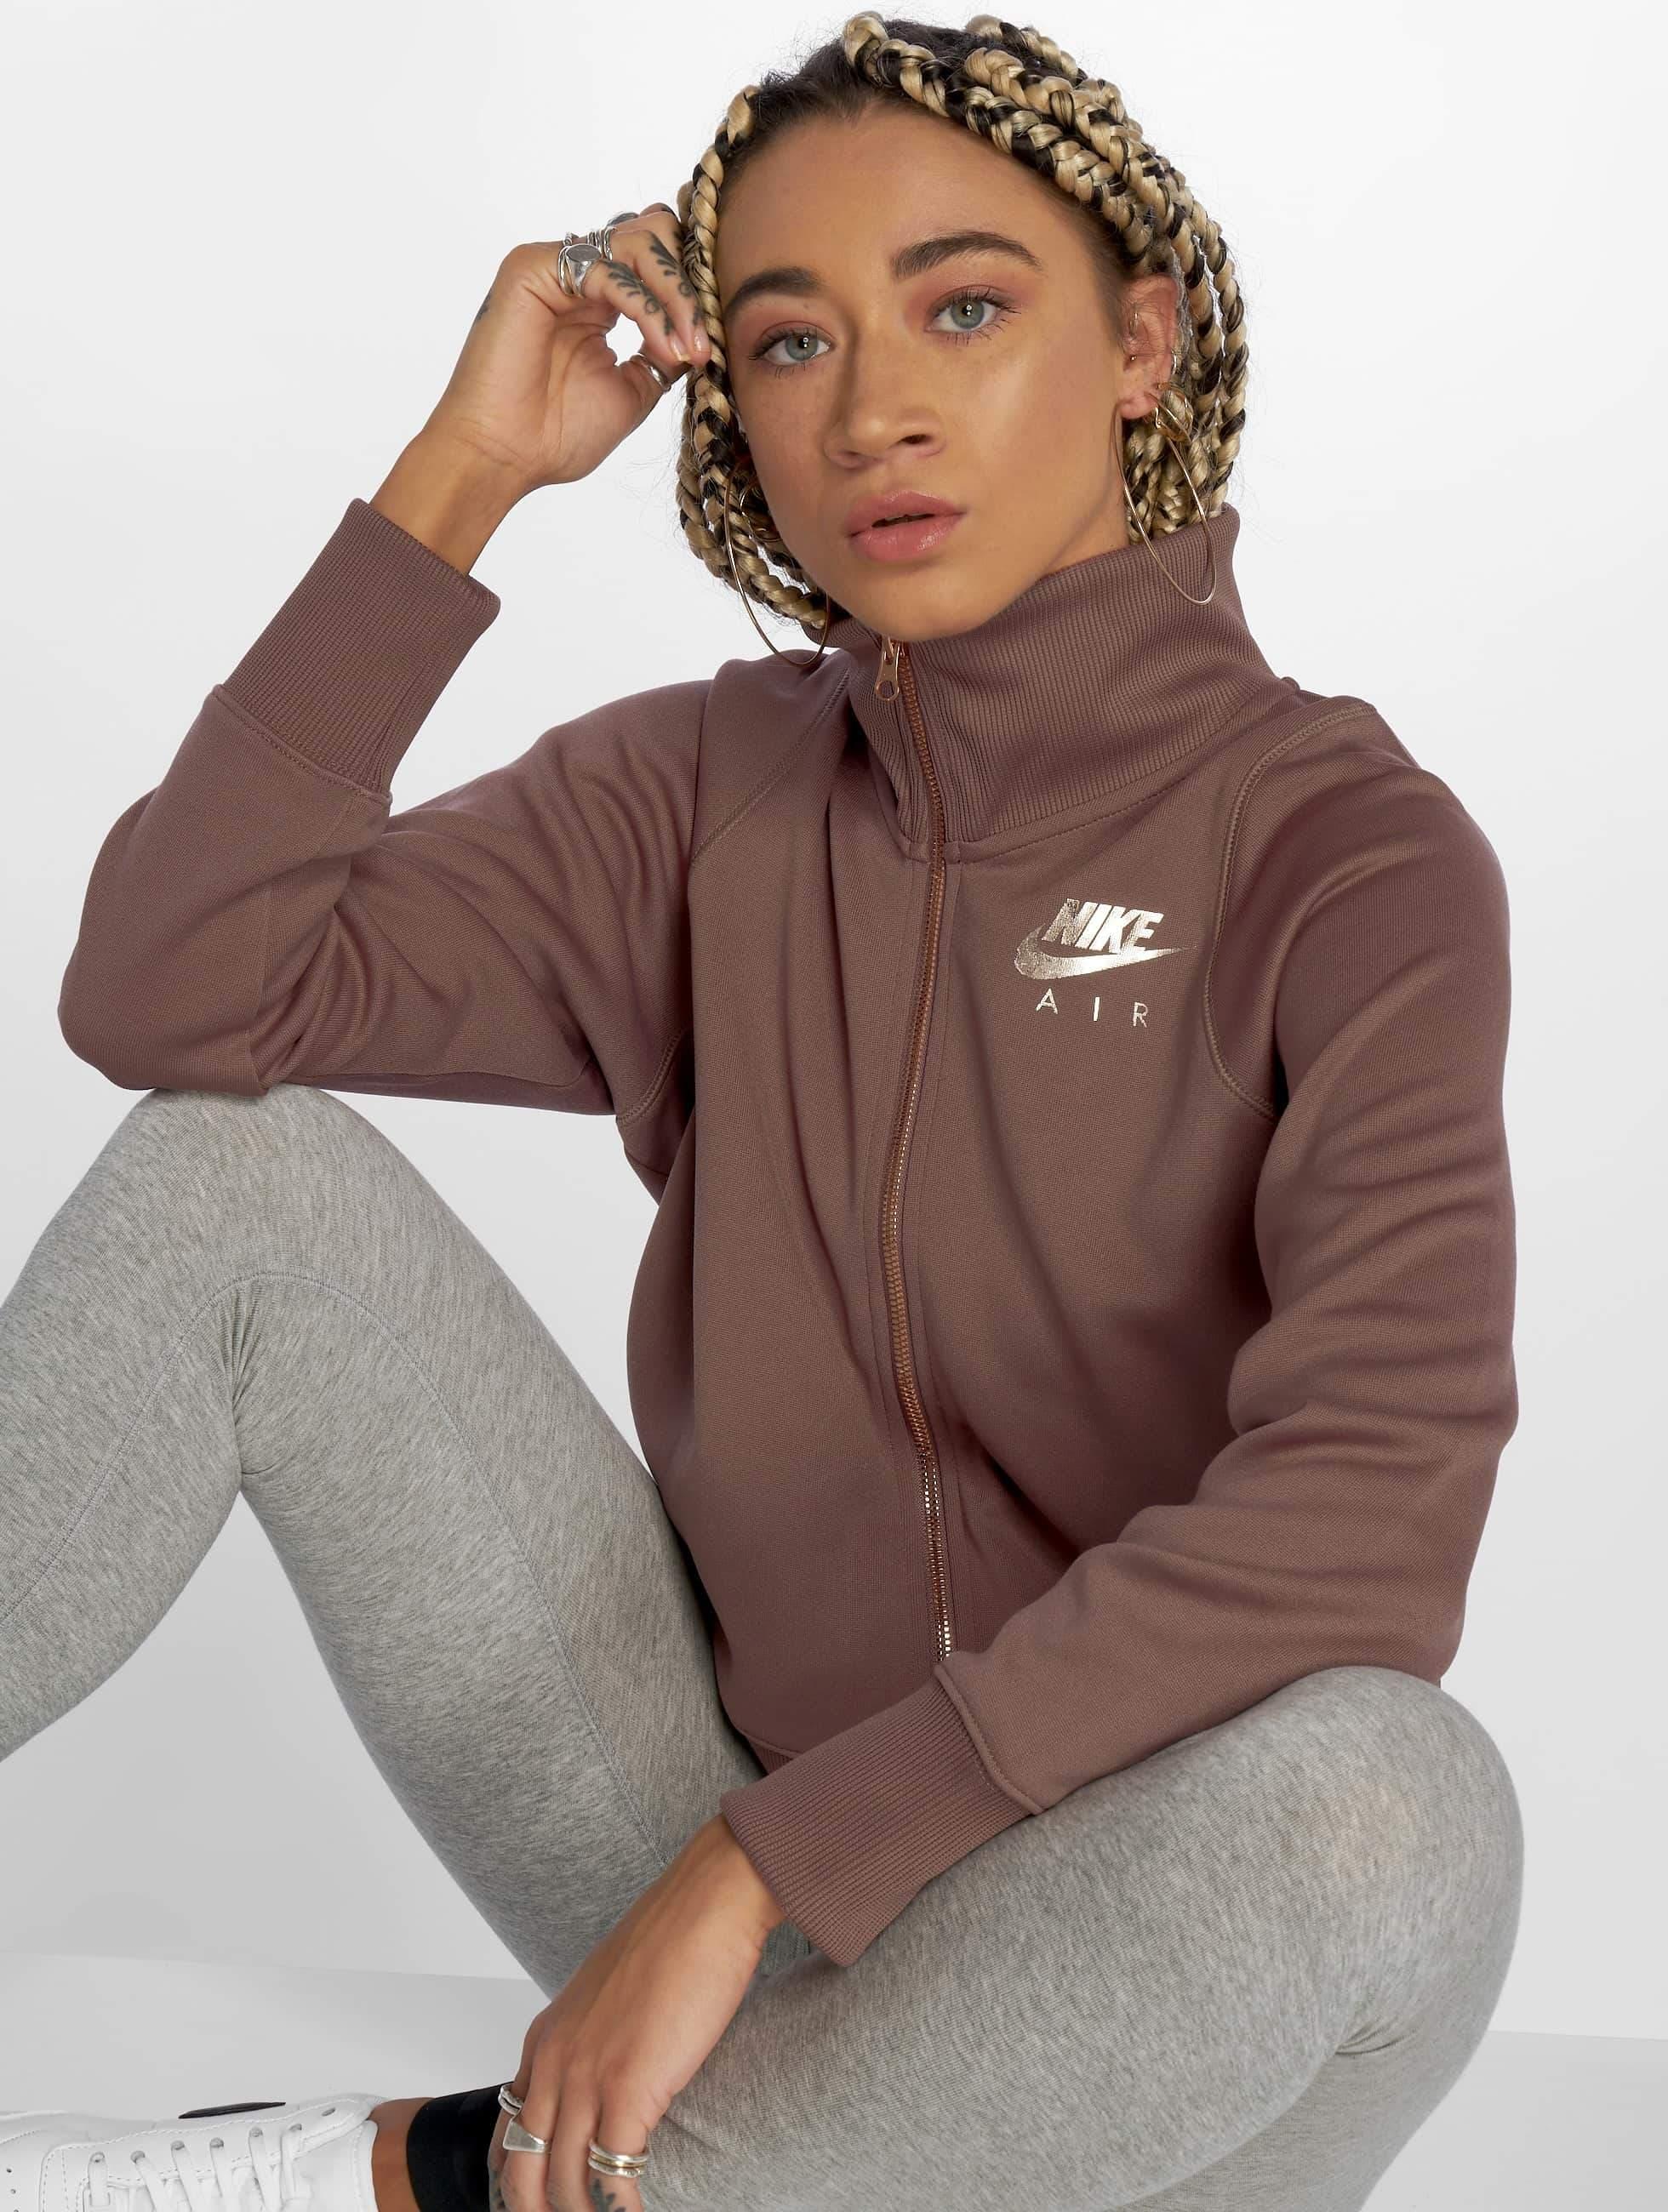 a6f016f81695e Saison Saison 538277 Femme Veste Sportswear Mi Nike Légère Pourpre N98 N98  N98 qFvUz7B